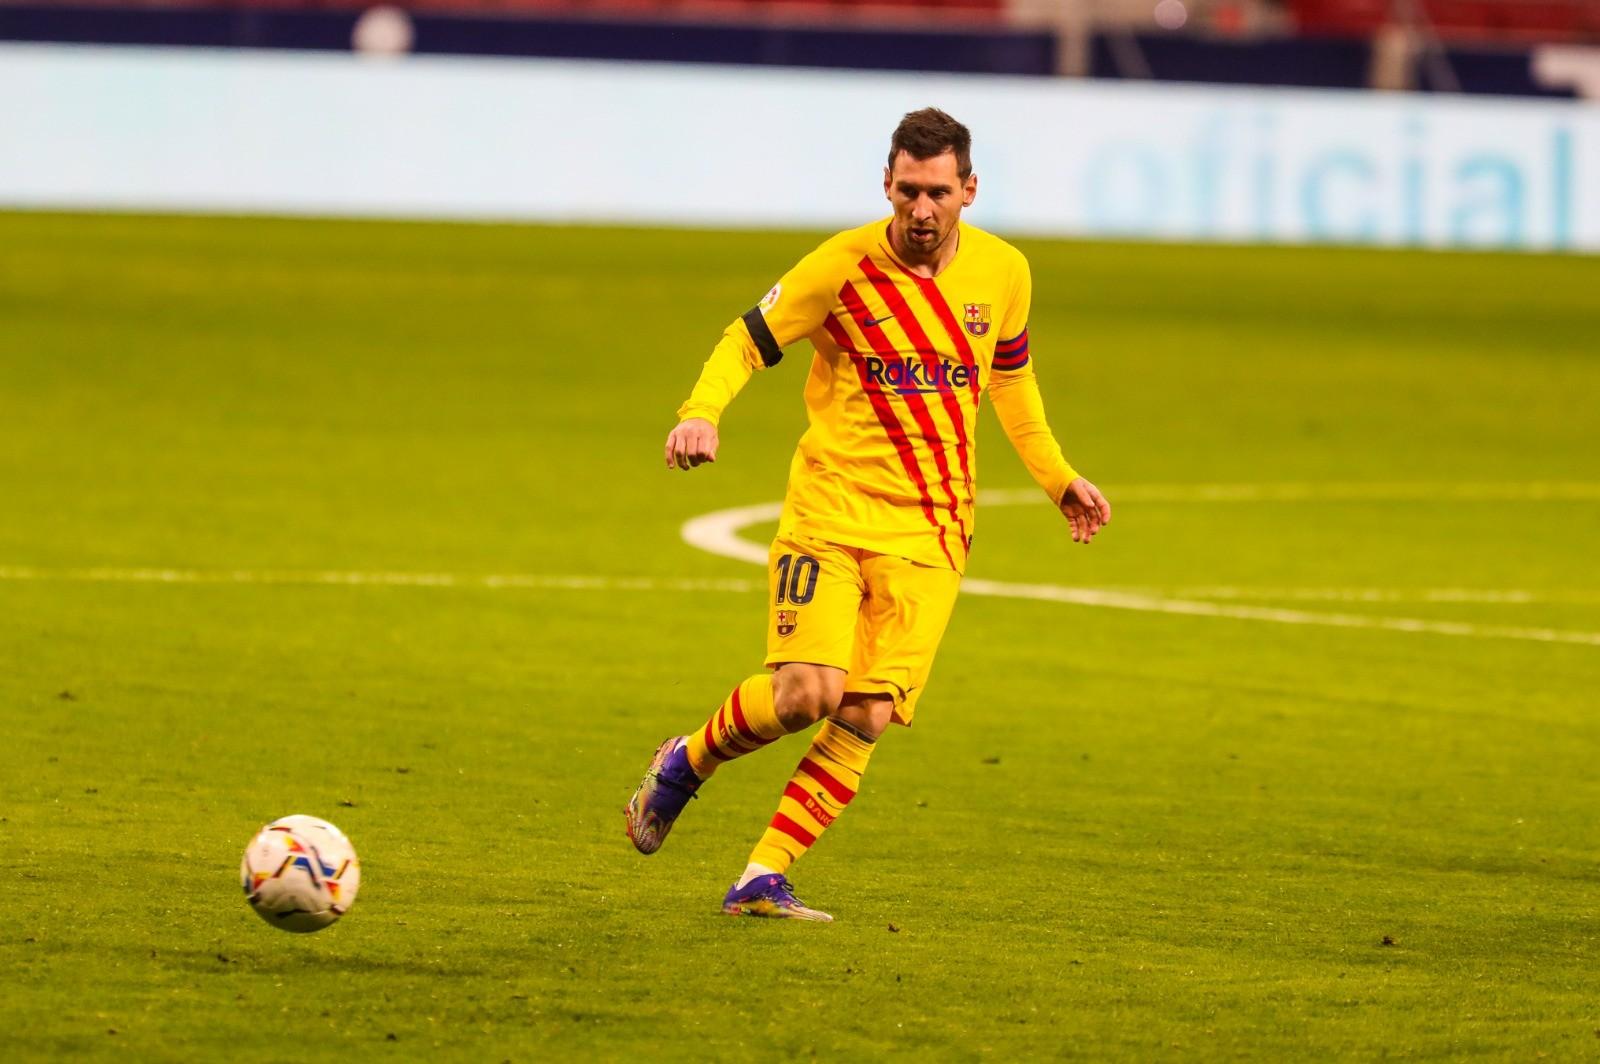 战马竞梅西仅给进攻线队友传了8次球,丢失球权达23次